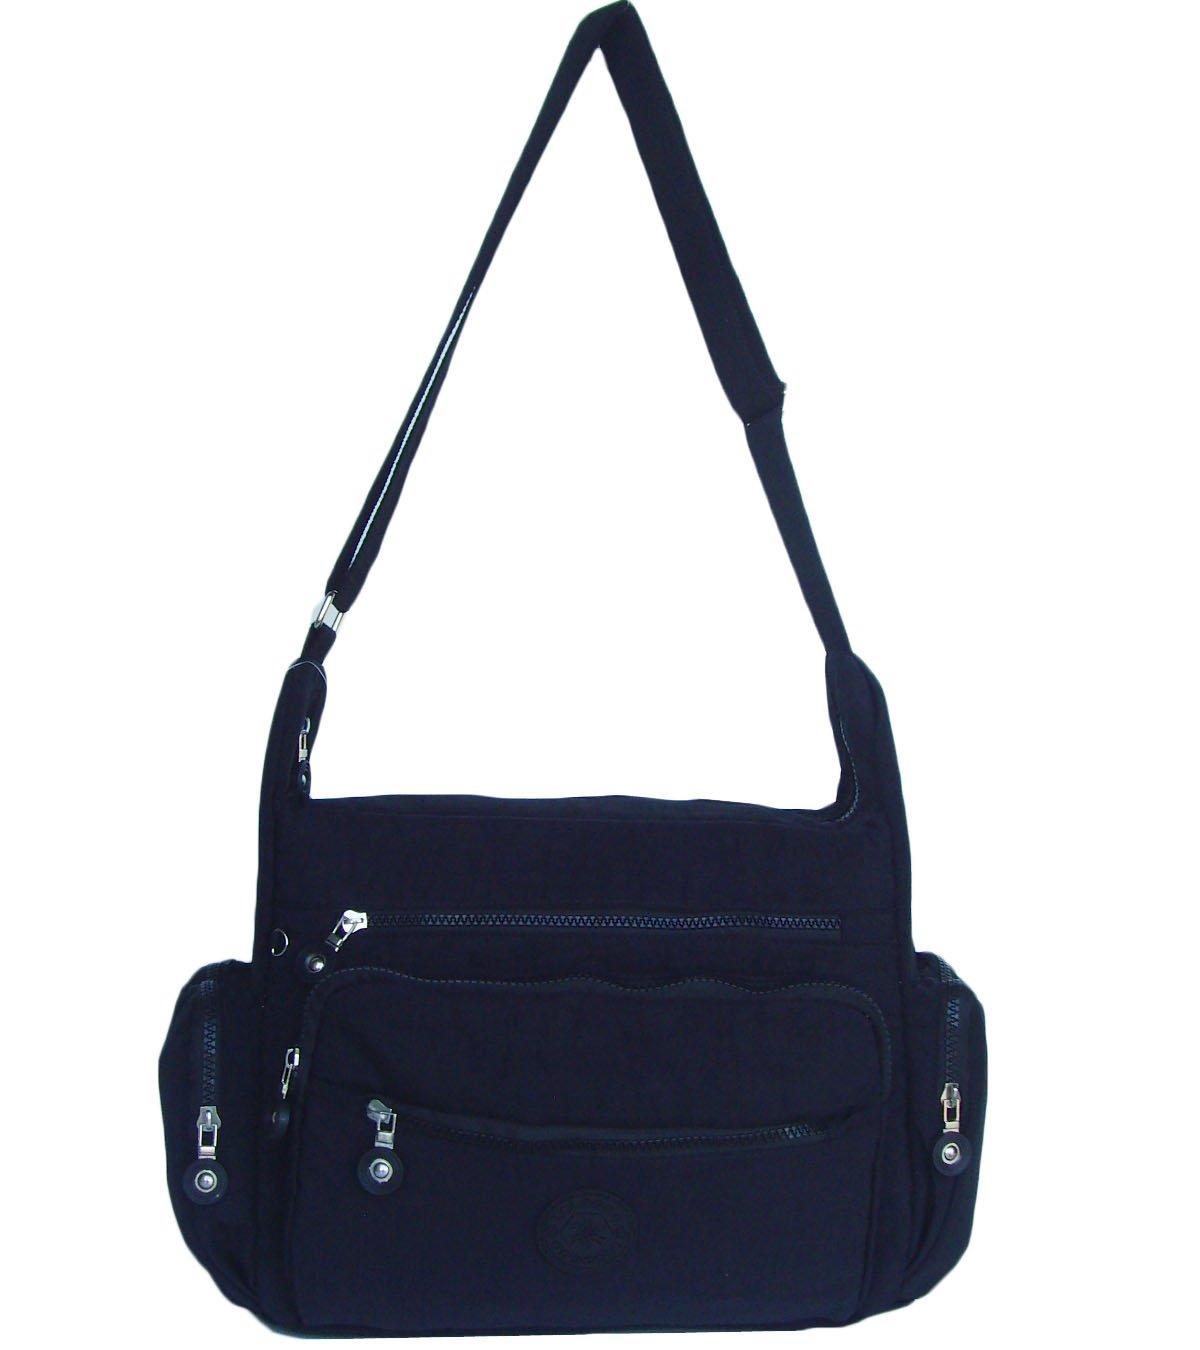 HONG YE Pure Stripe Slouch Bag,sku:hb78black5